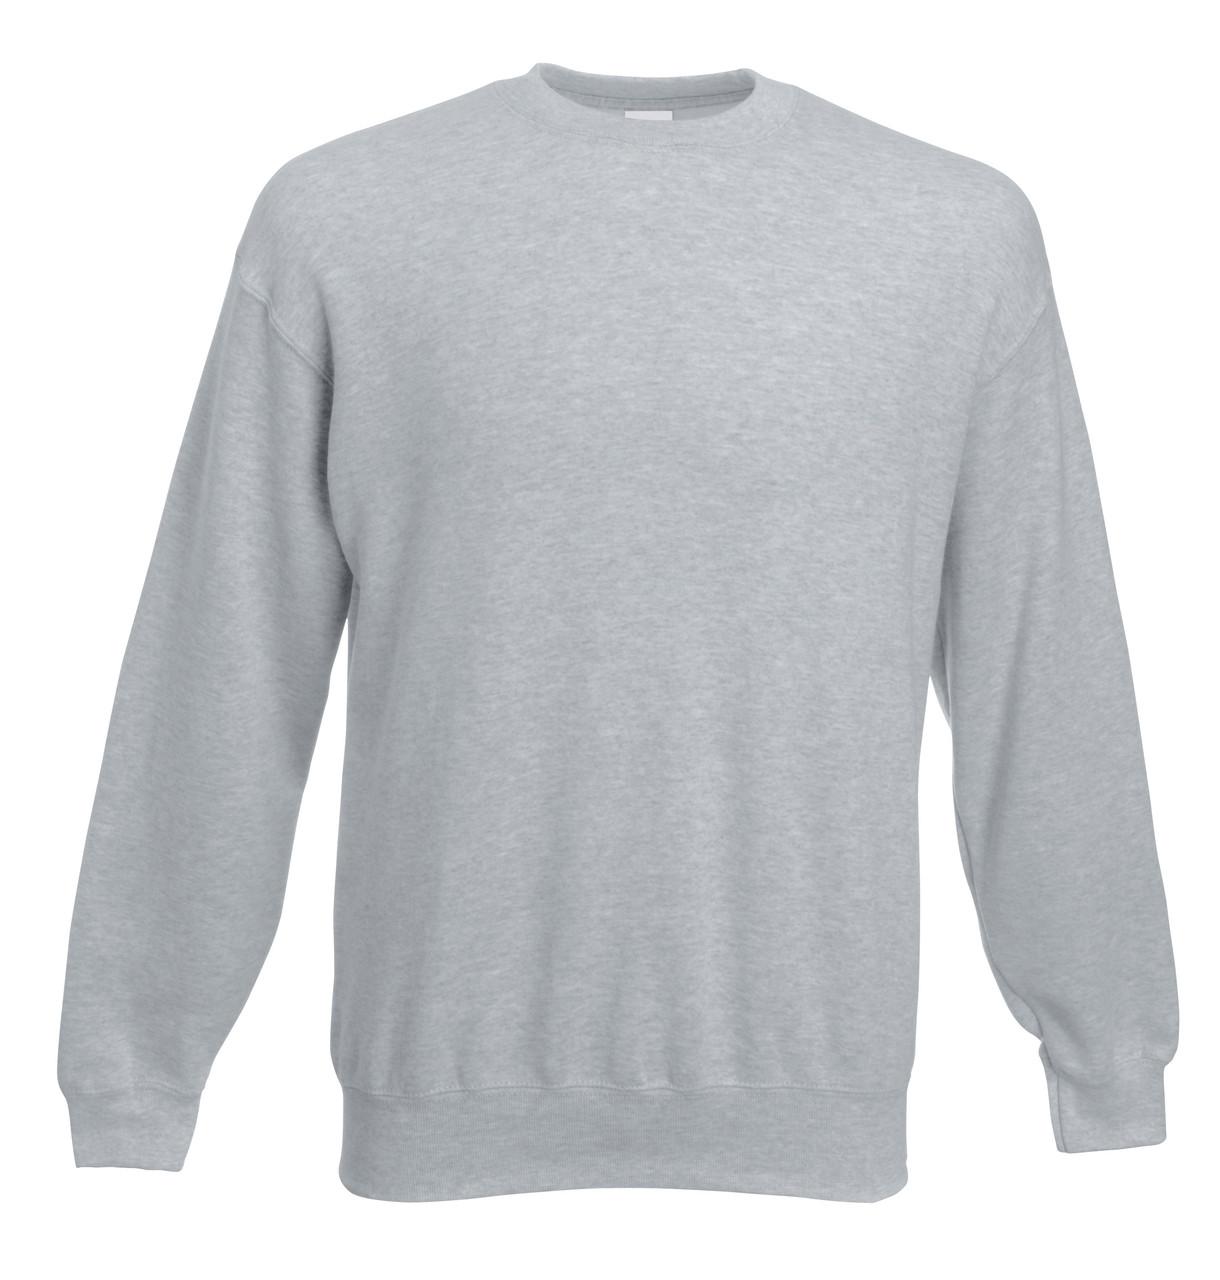 Мужской классический свитер Серо-лиловый Fruit Of The Loom 62-202-94 M